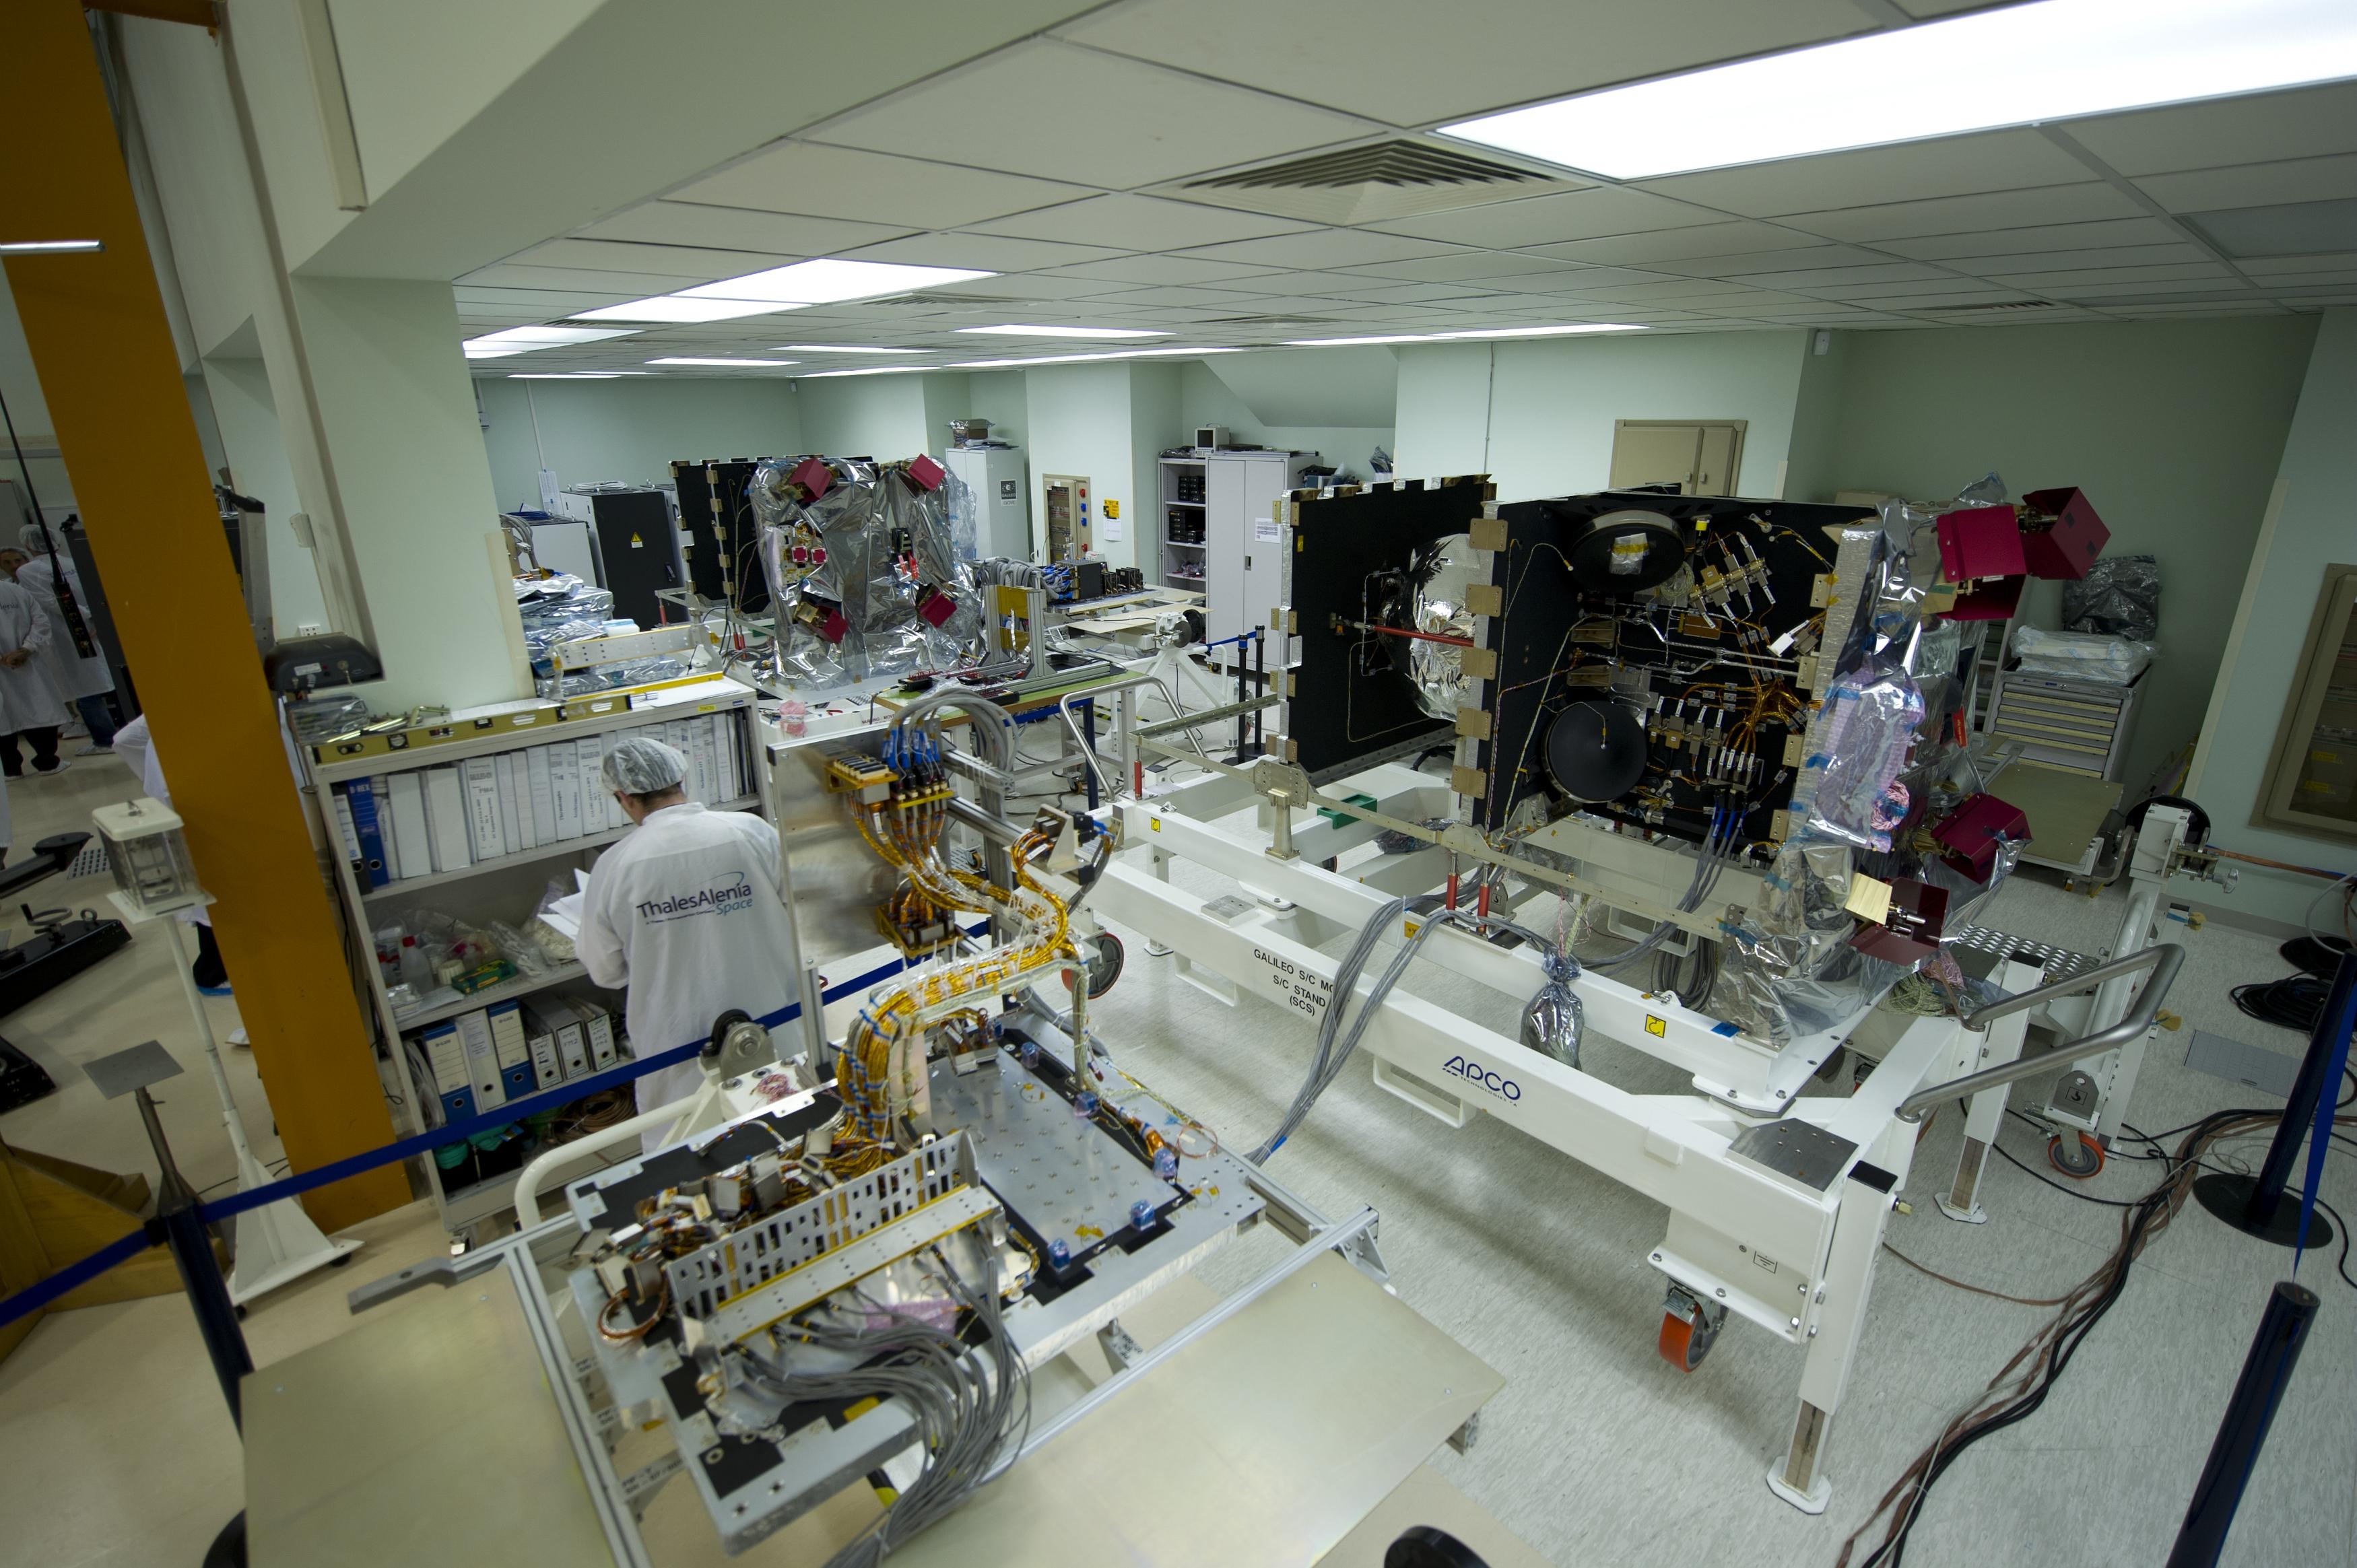 Битва гиперсозвездий спутников, связи, проект, группировки, спутниковой, больше, антенны, спутника, спутники, OneWeb, довольно, 1990х, всего, связь, орбите, спутник, пропускной, Starlink, более, спутниковых